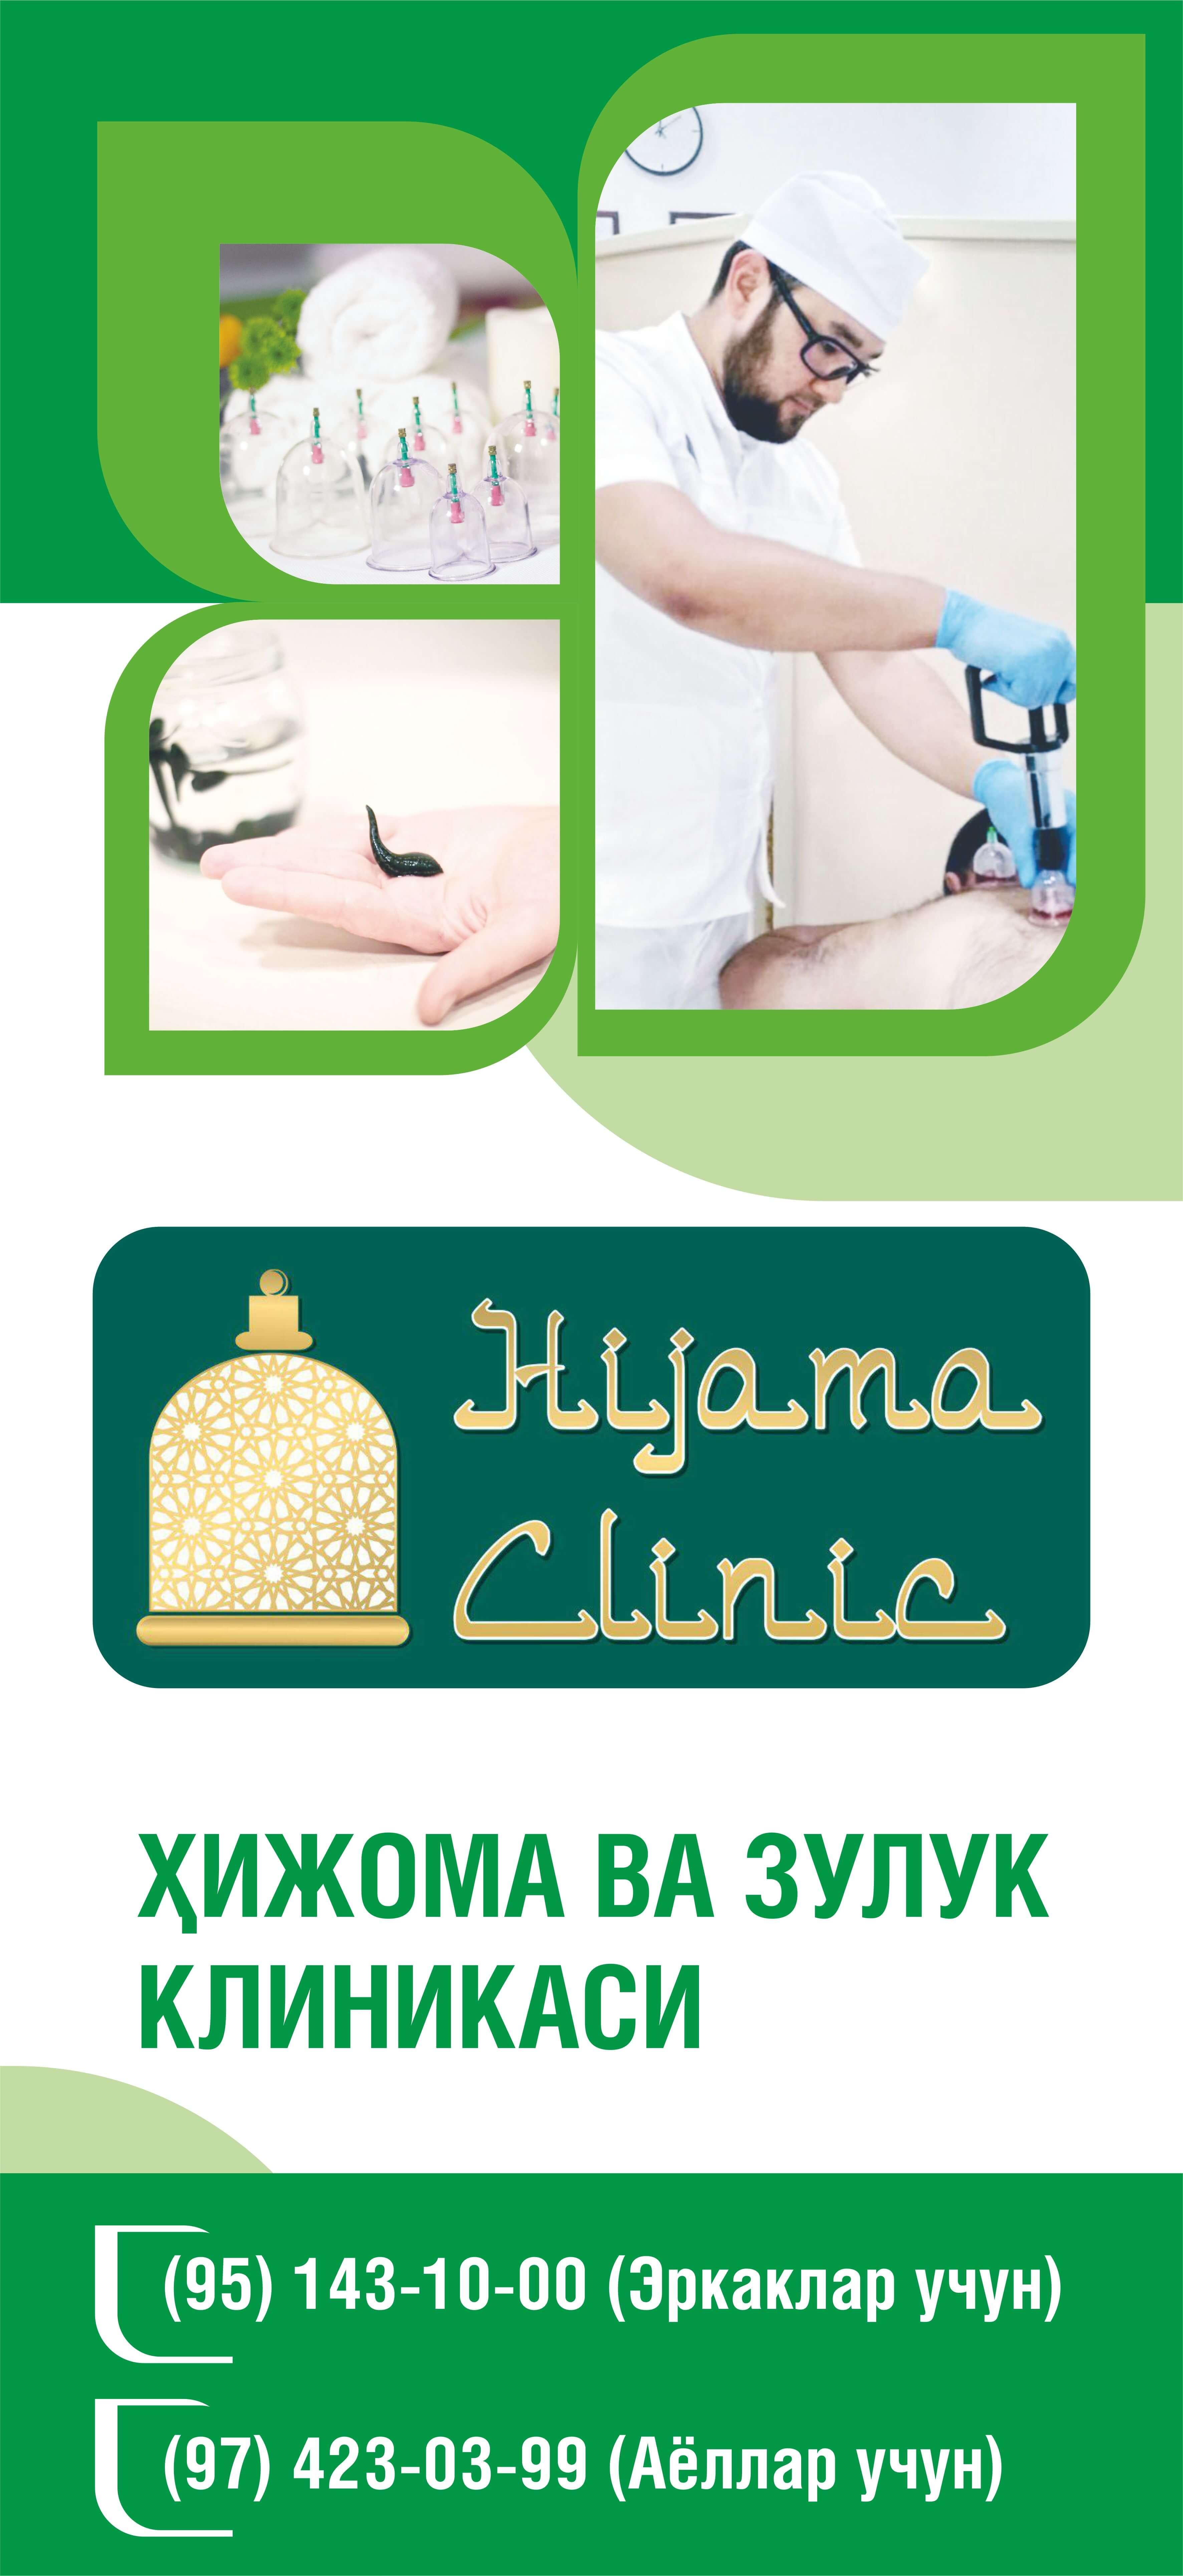 Ҳижома клиникаси